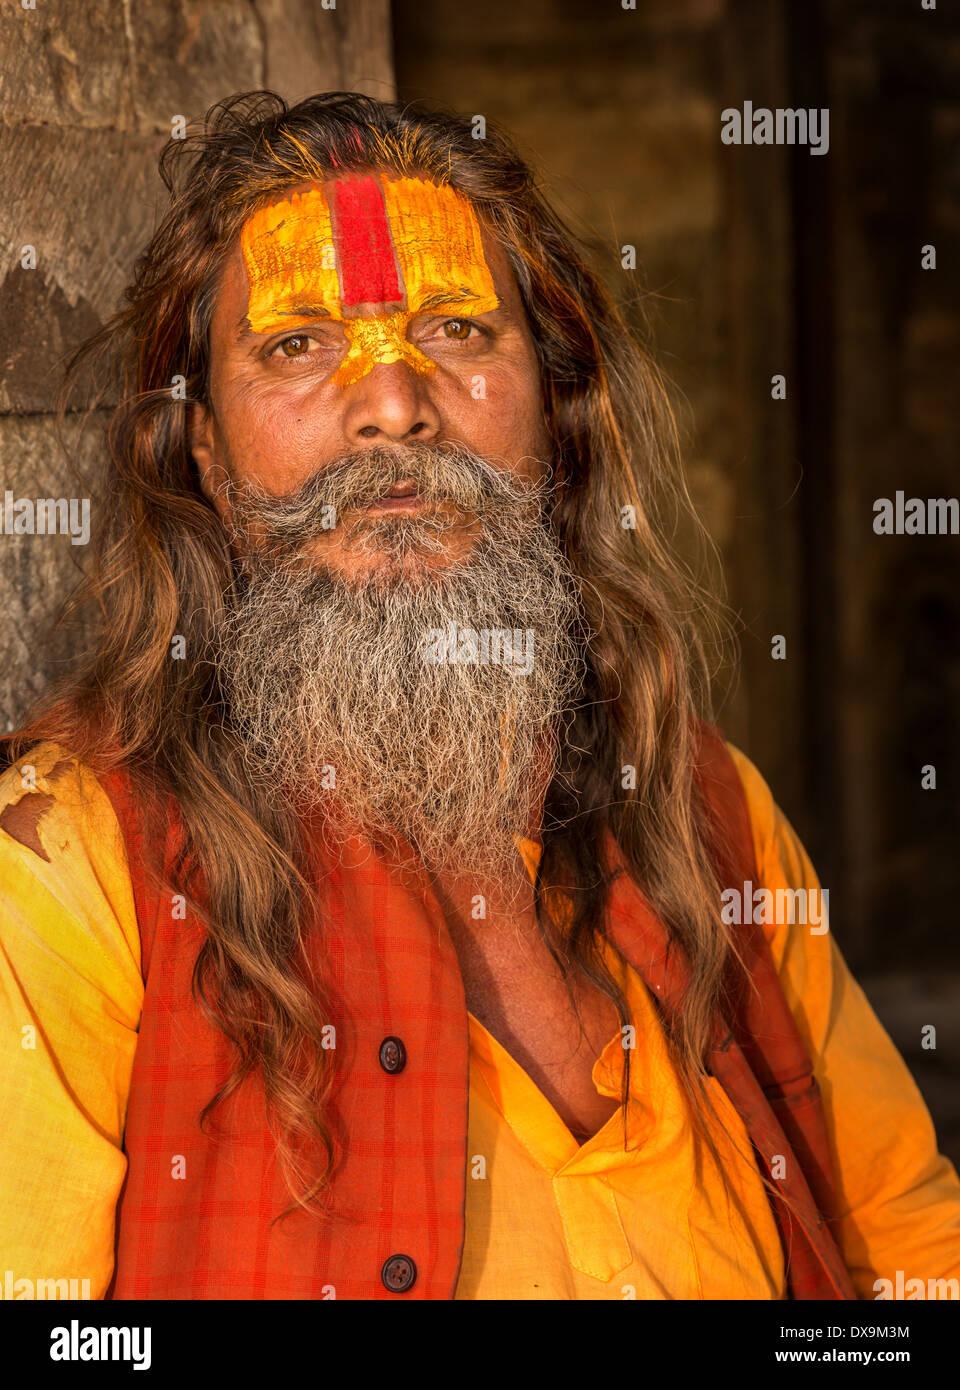 Sadhu, Pashupatinath, Kathmandu, Kathmandu District, Bagmati Zone, Nepal Stock Photo